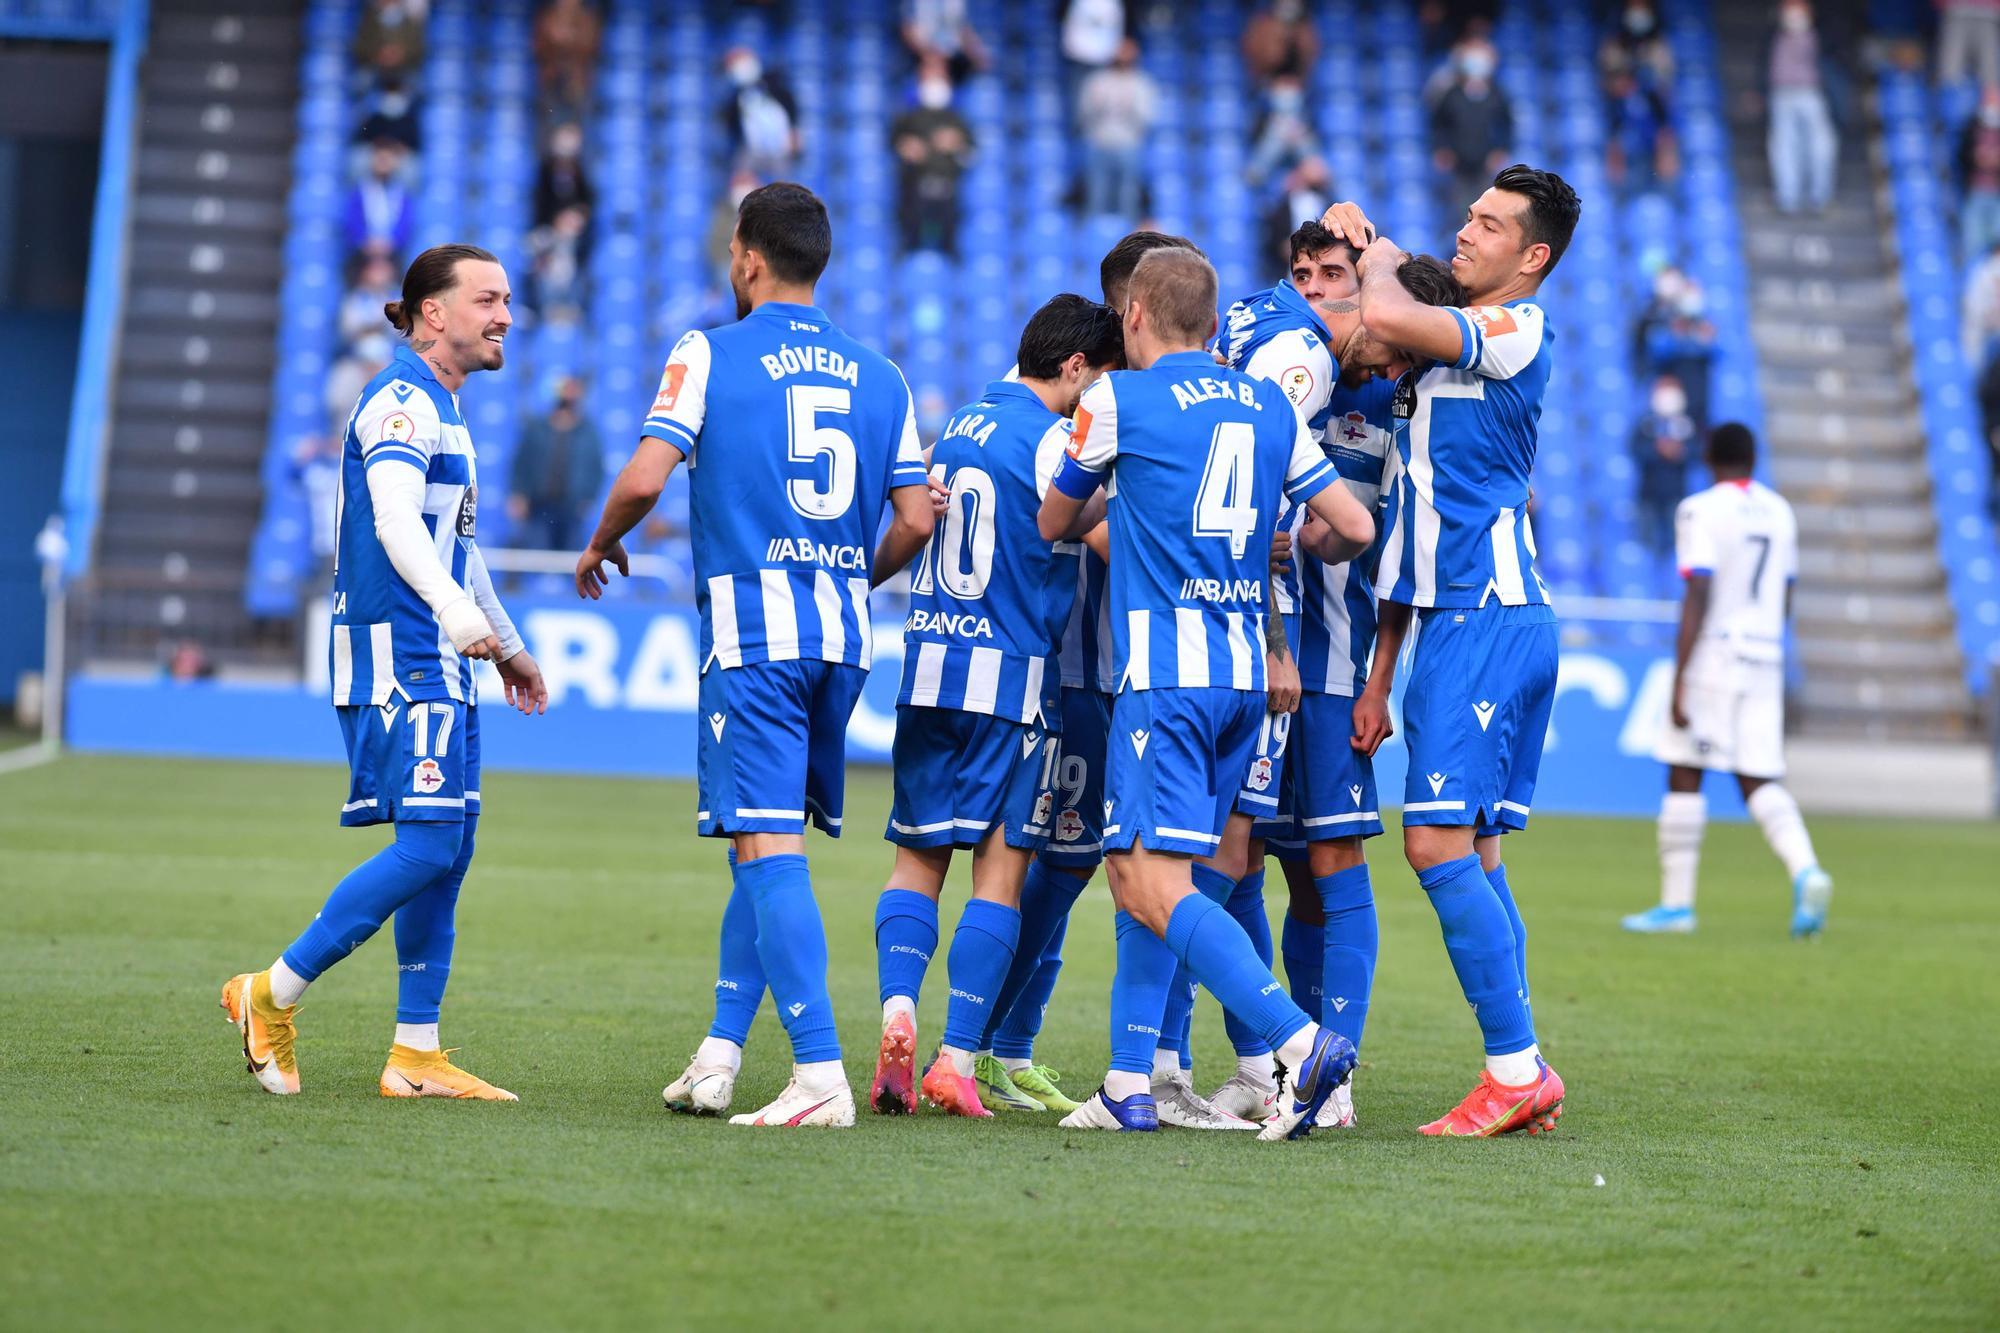 El Deportivo se libera con una goleada al Langreo (5-0)